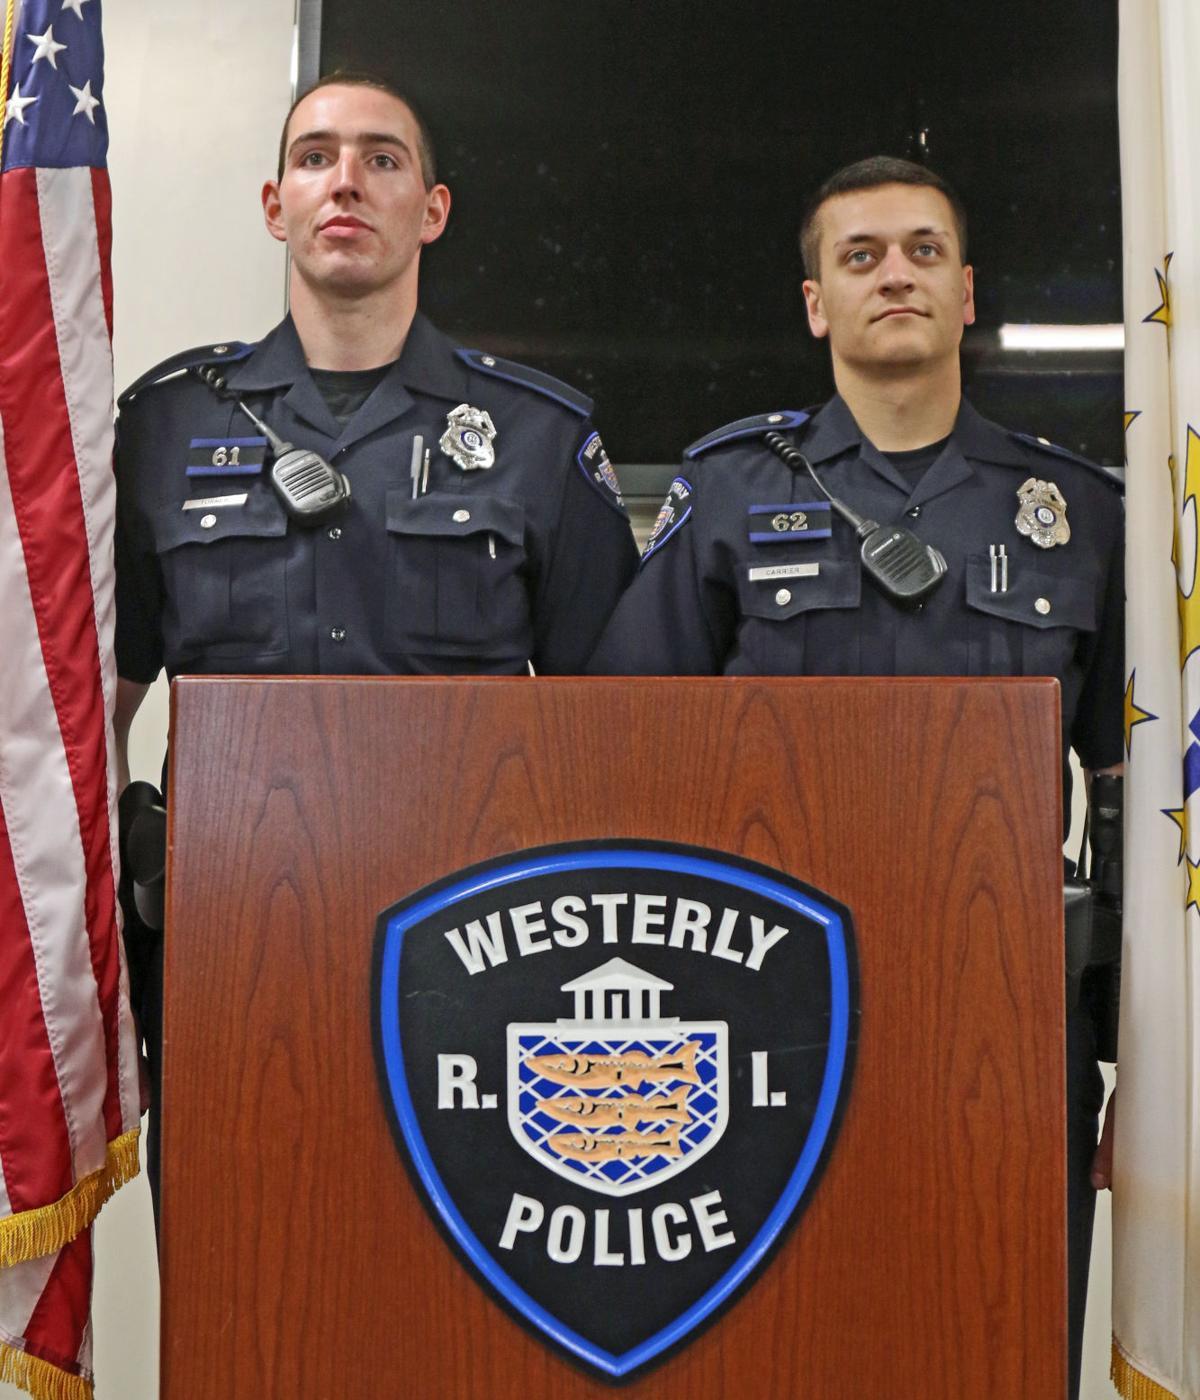 WES New WPD officers-WS-052120 16604.JPG